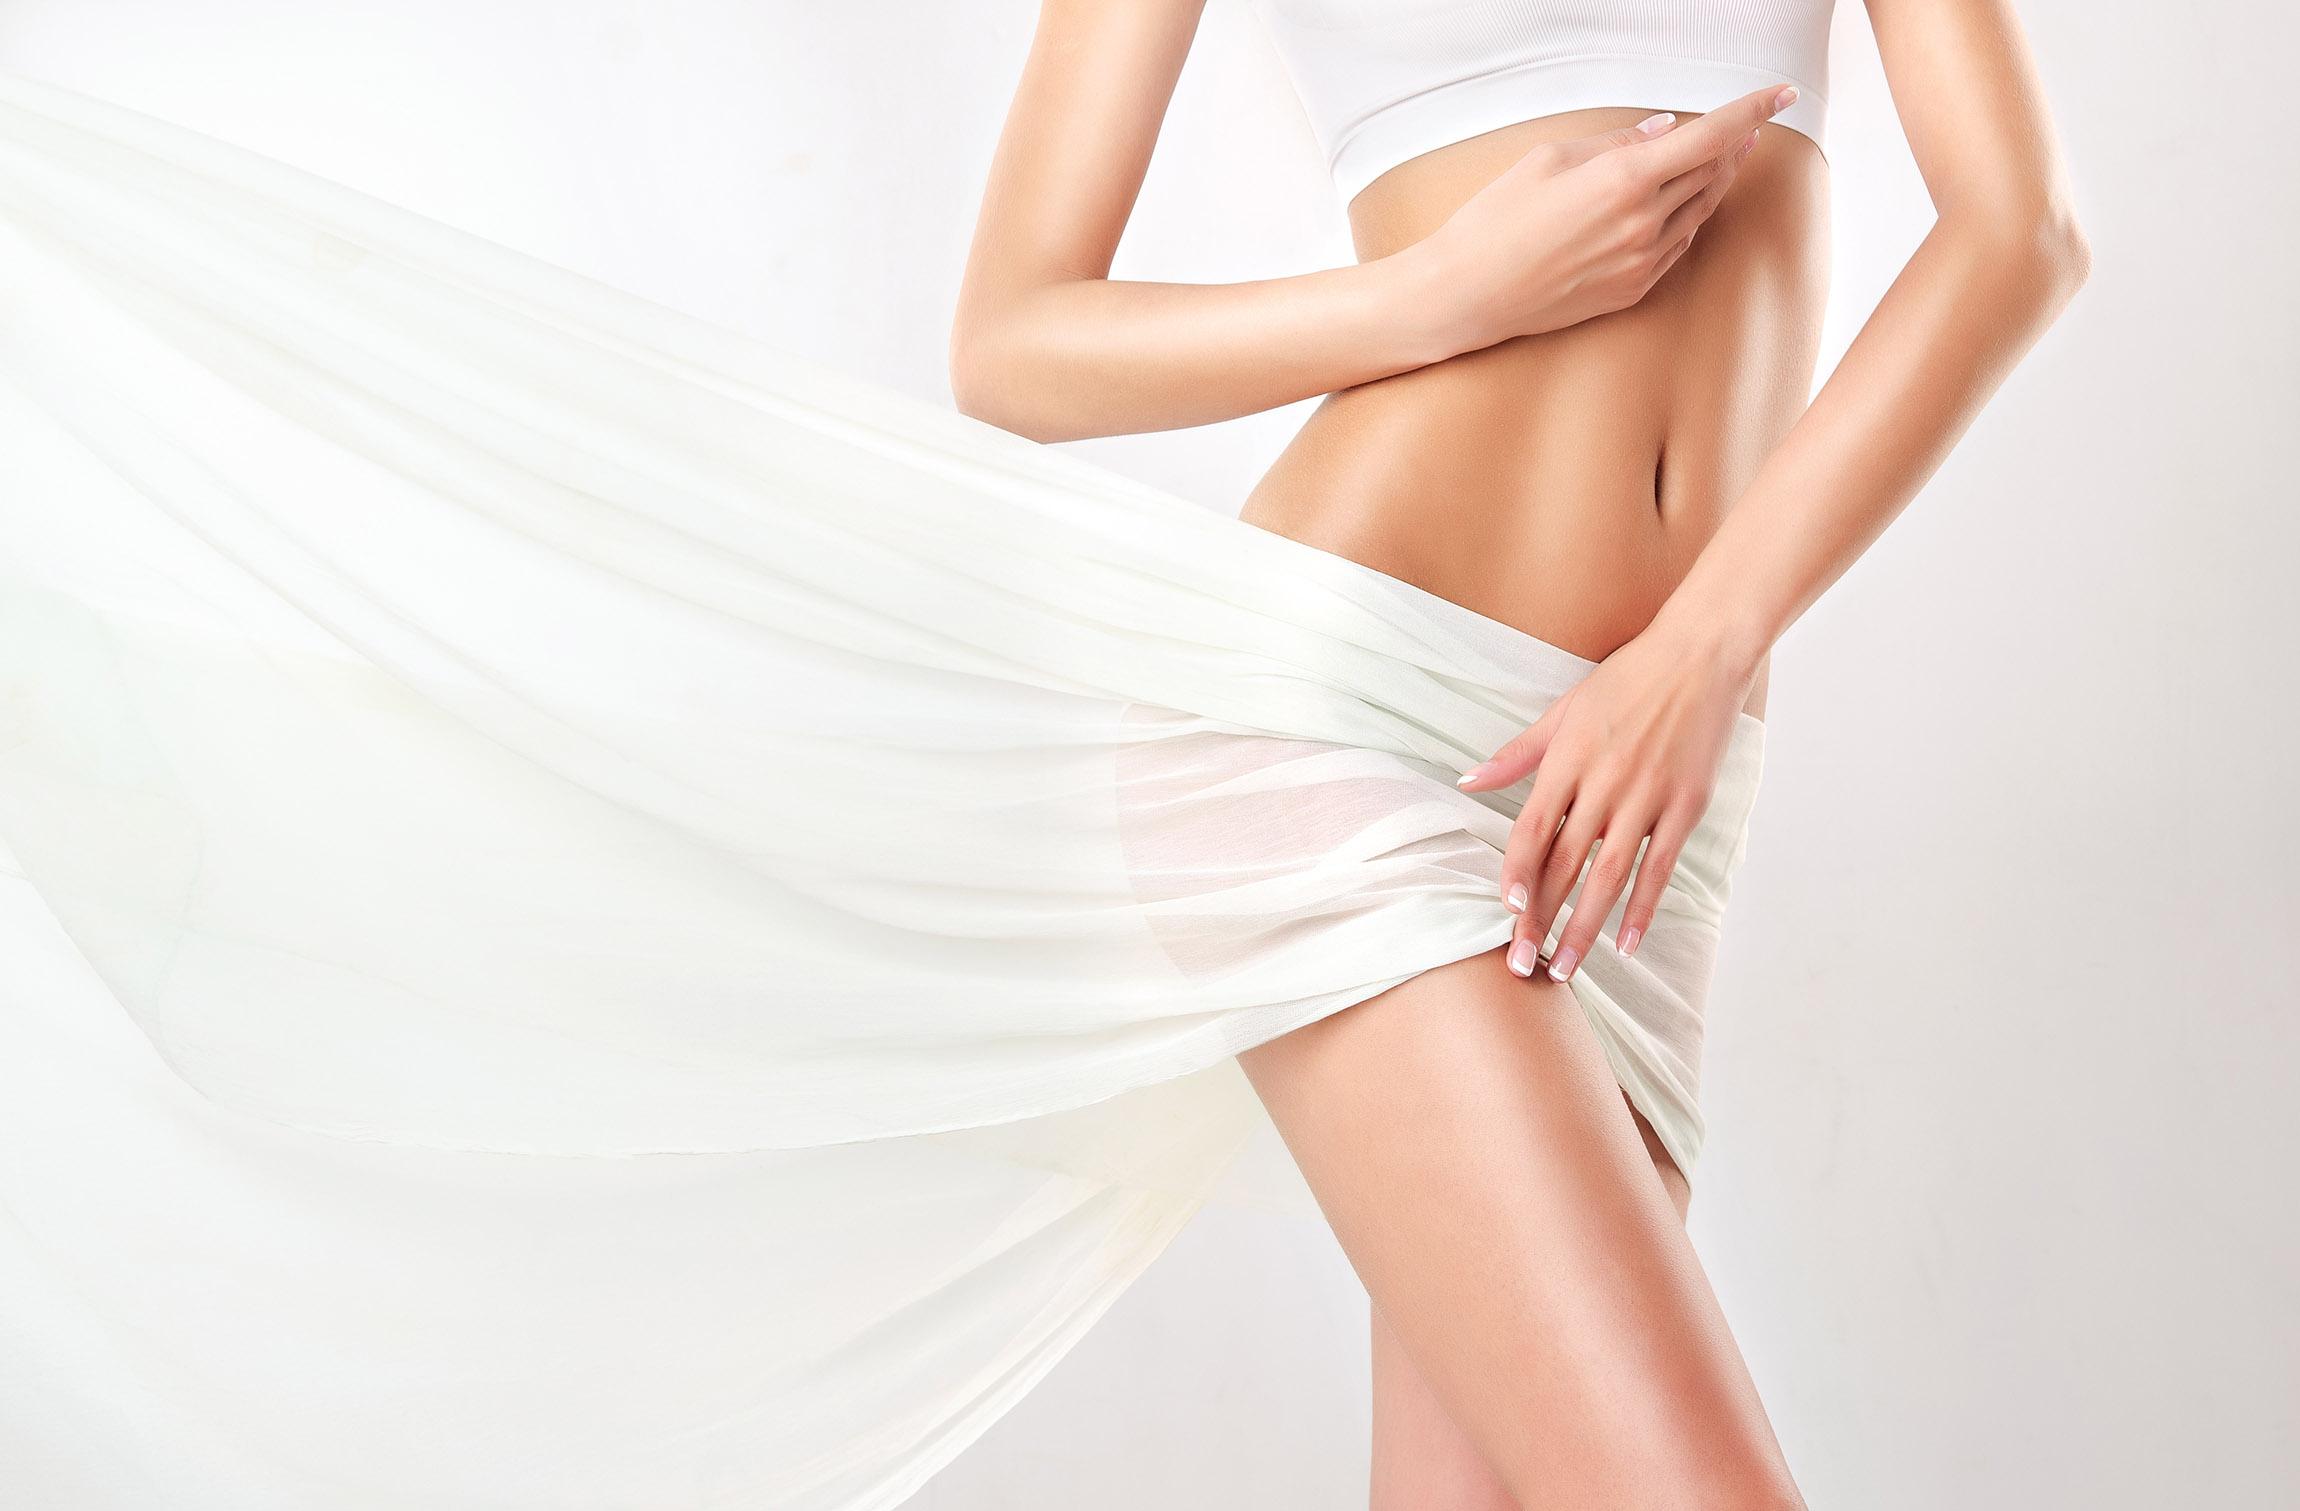 Nuorekas ja virheetön iho – 7 helppoa & tehokasta niksiä